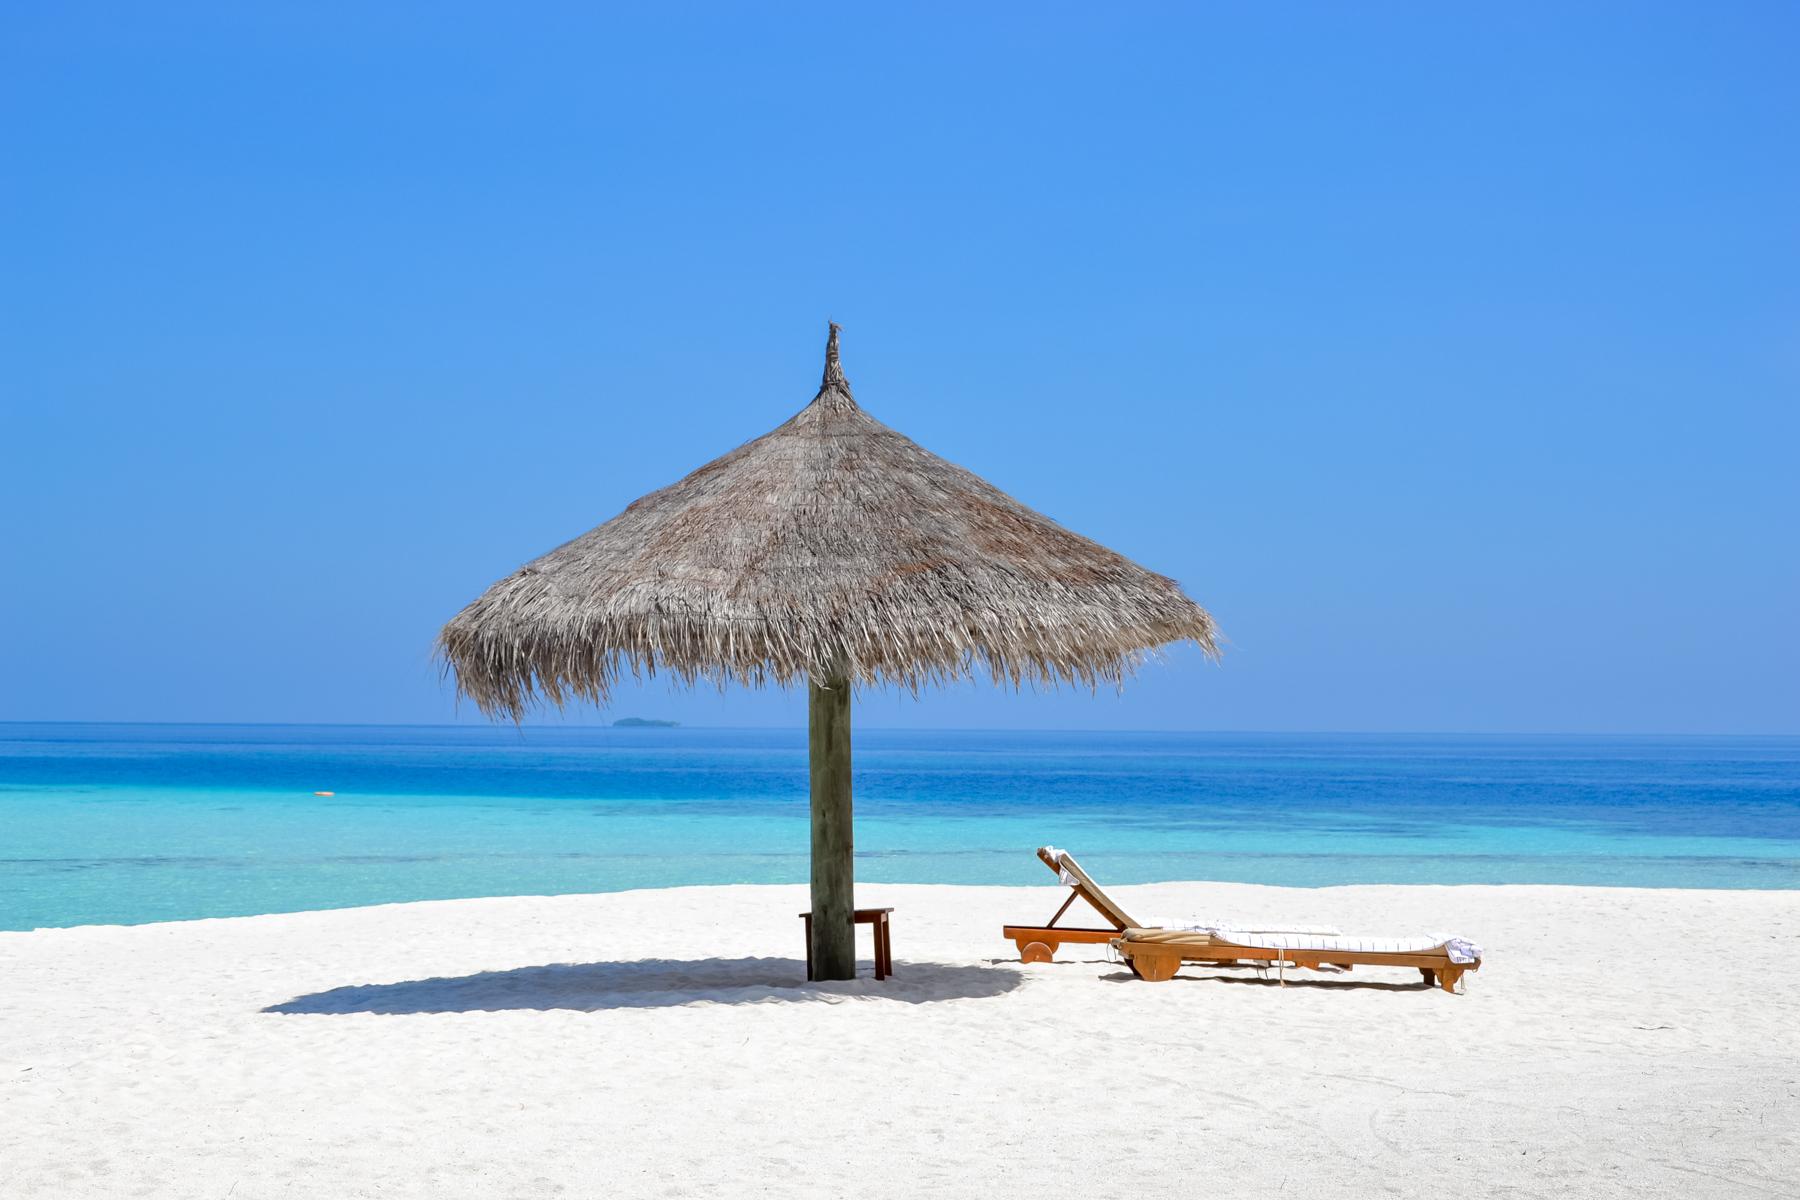 Viaggio alle Maldive: un tuffo in paradiso